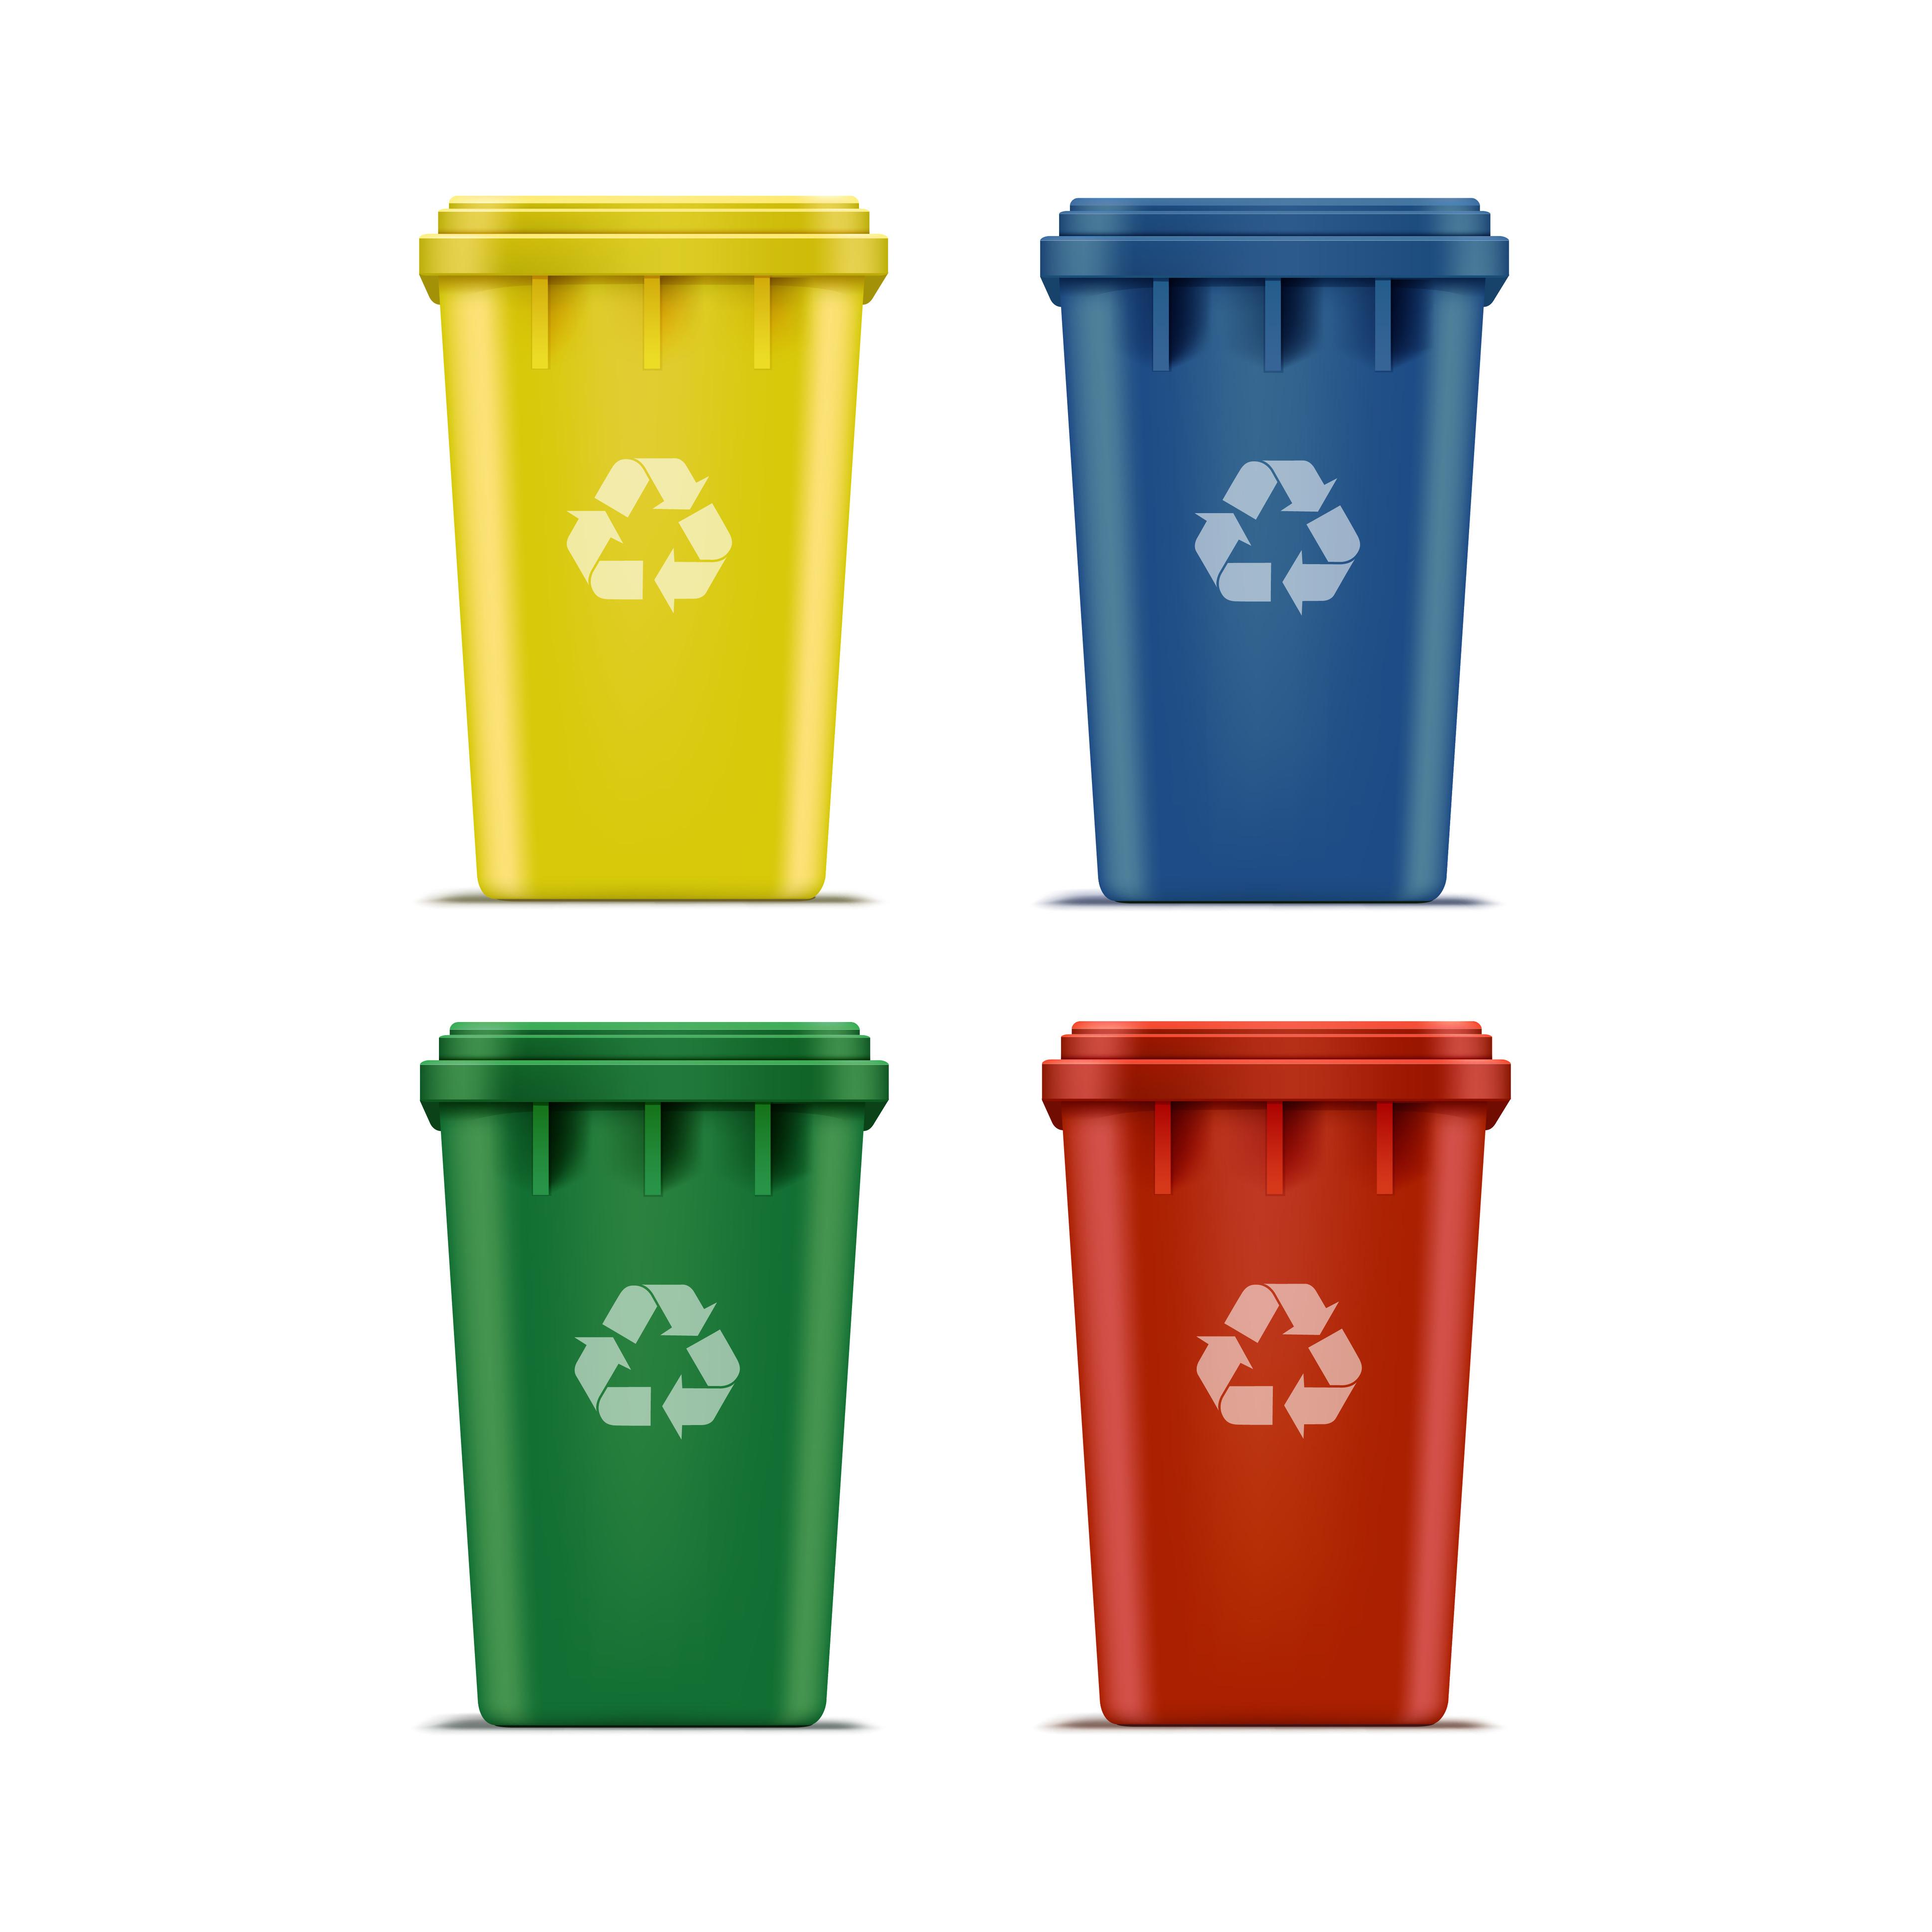 Recipientes para reciclar